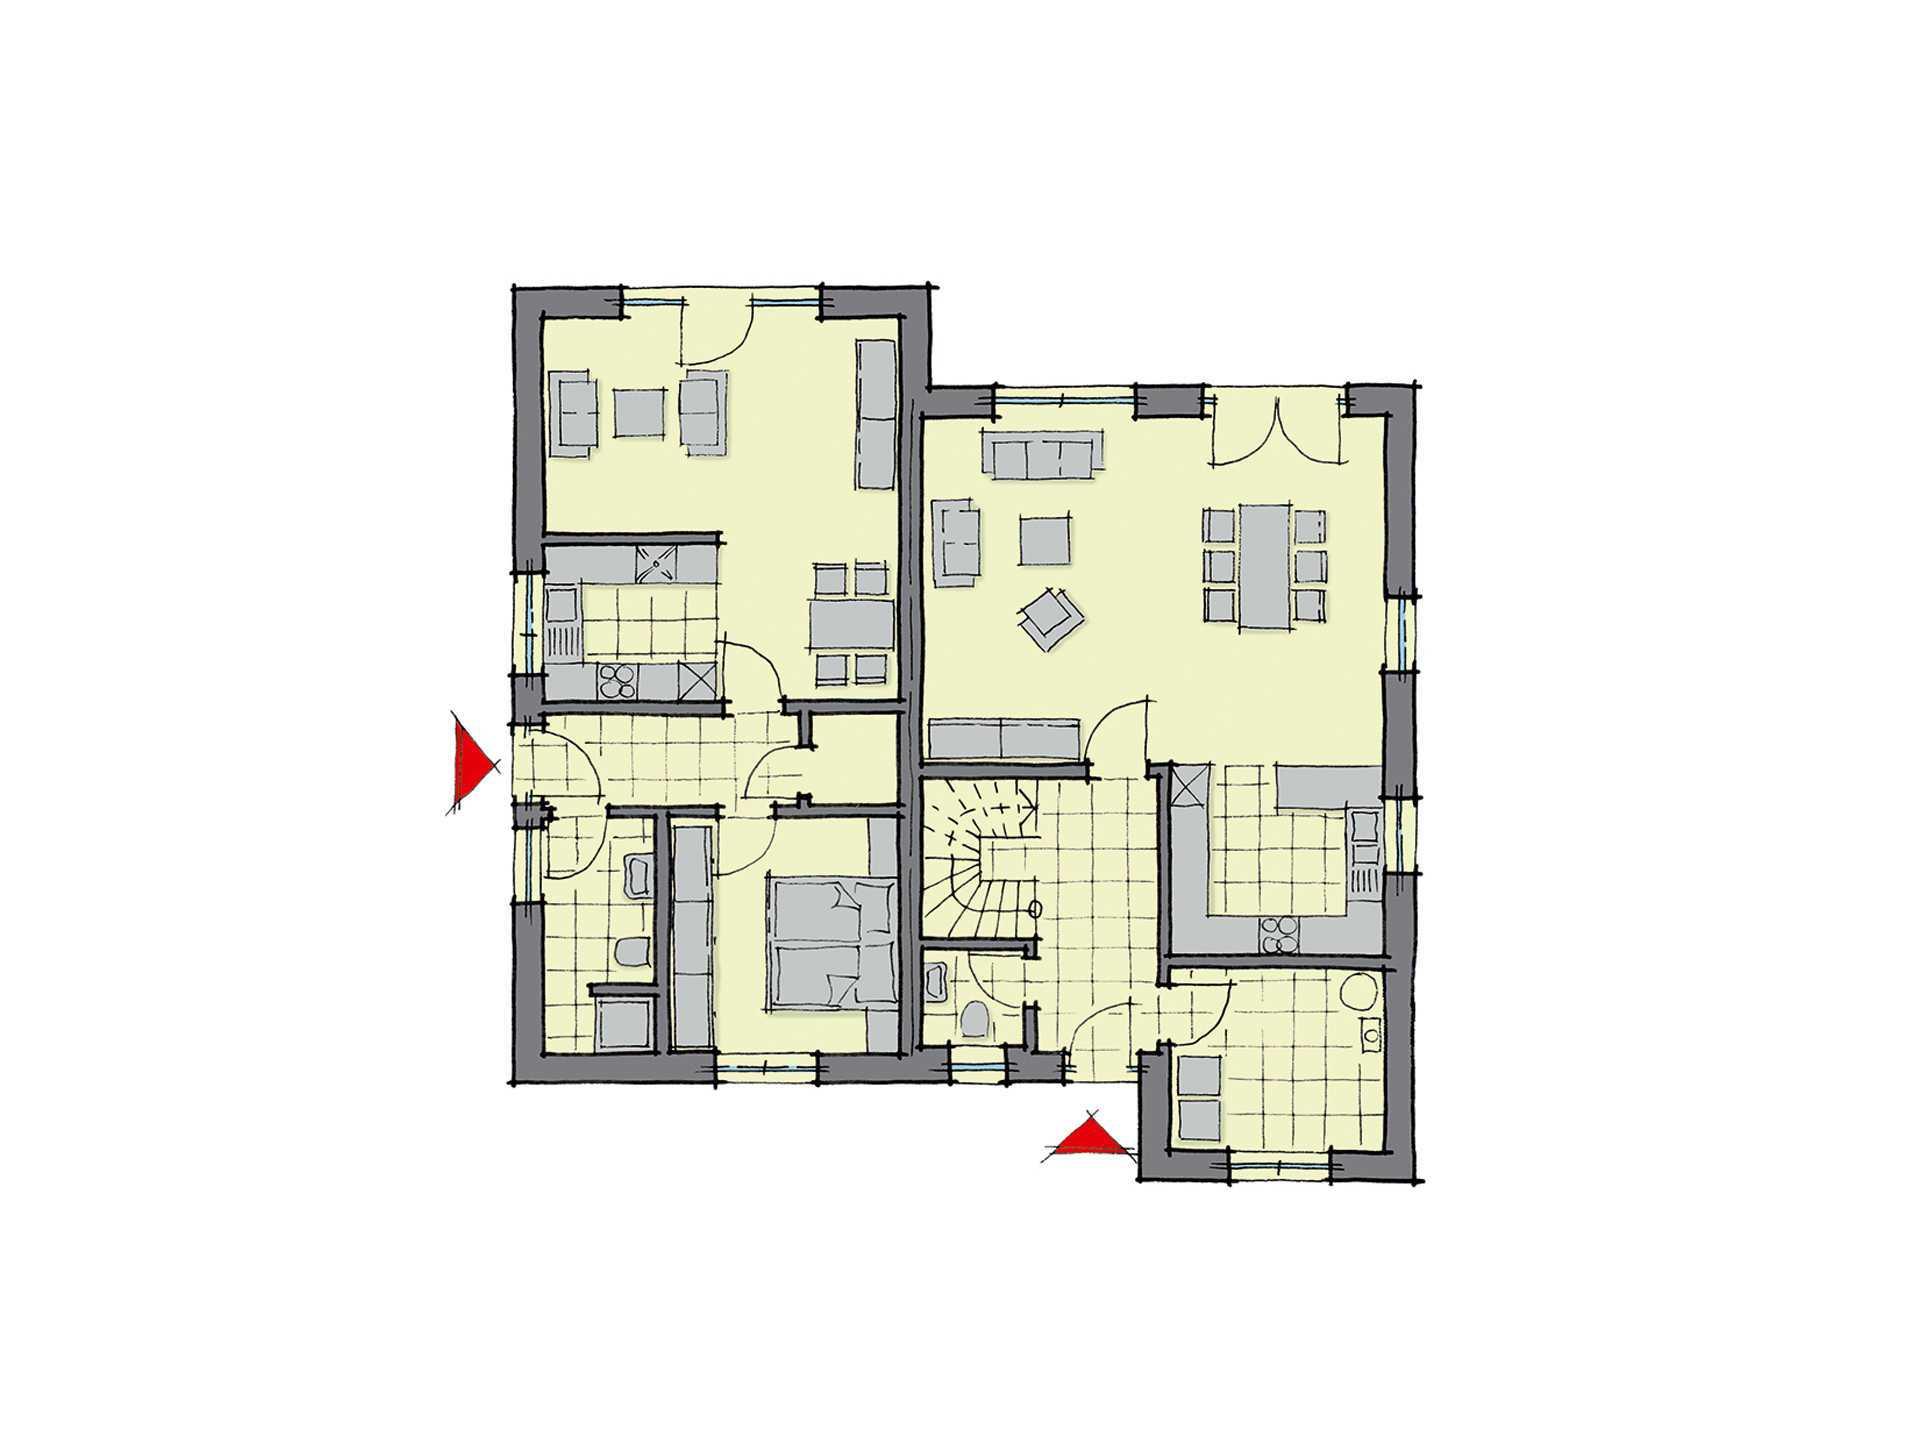 Einfamilienhaus g teborg mit einliegerwohnung gussek haus for Muster grundrisse haus